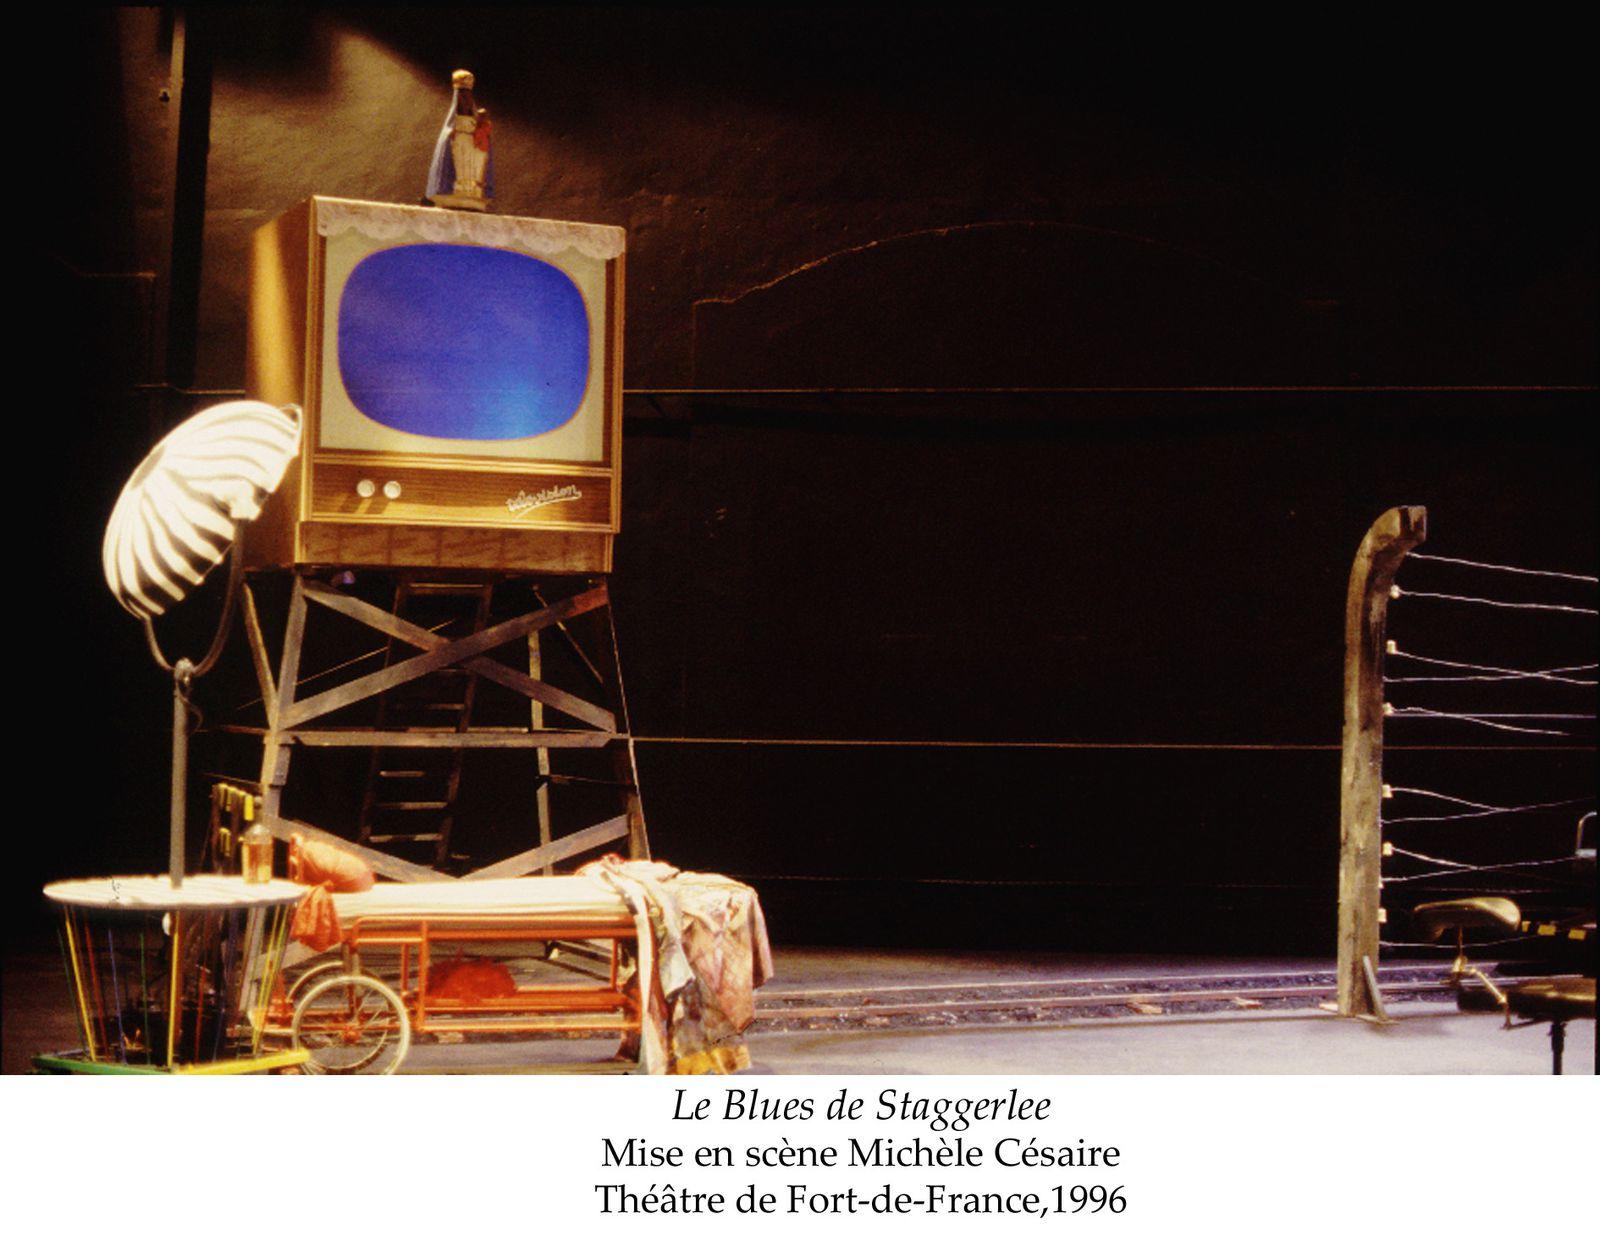 Quelques images de scénographies réalisées pour différentes créations théâtrales de 1995 à 2008, principalement en collaboration avec Michèle Césaire, dramaturge et metteur en scène, actuellement directrice du théâtre Aimé Césaire à Fort de France.